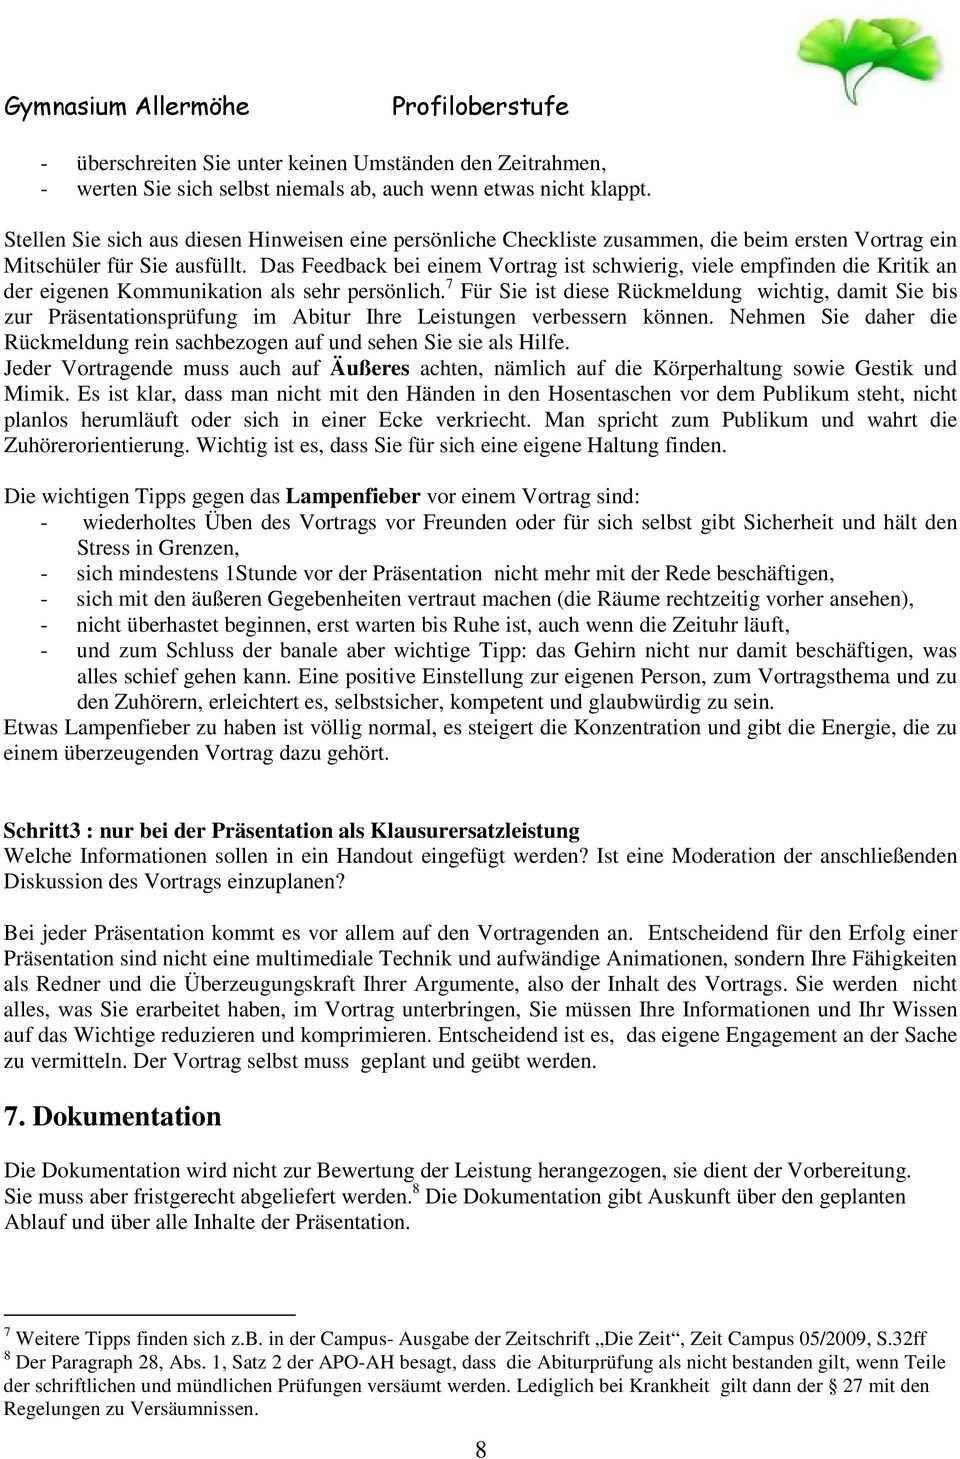 Prasentationsprufungen Im Abitur Und Prasentationsleistungen Als Klausurersatz Pdf Free Download